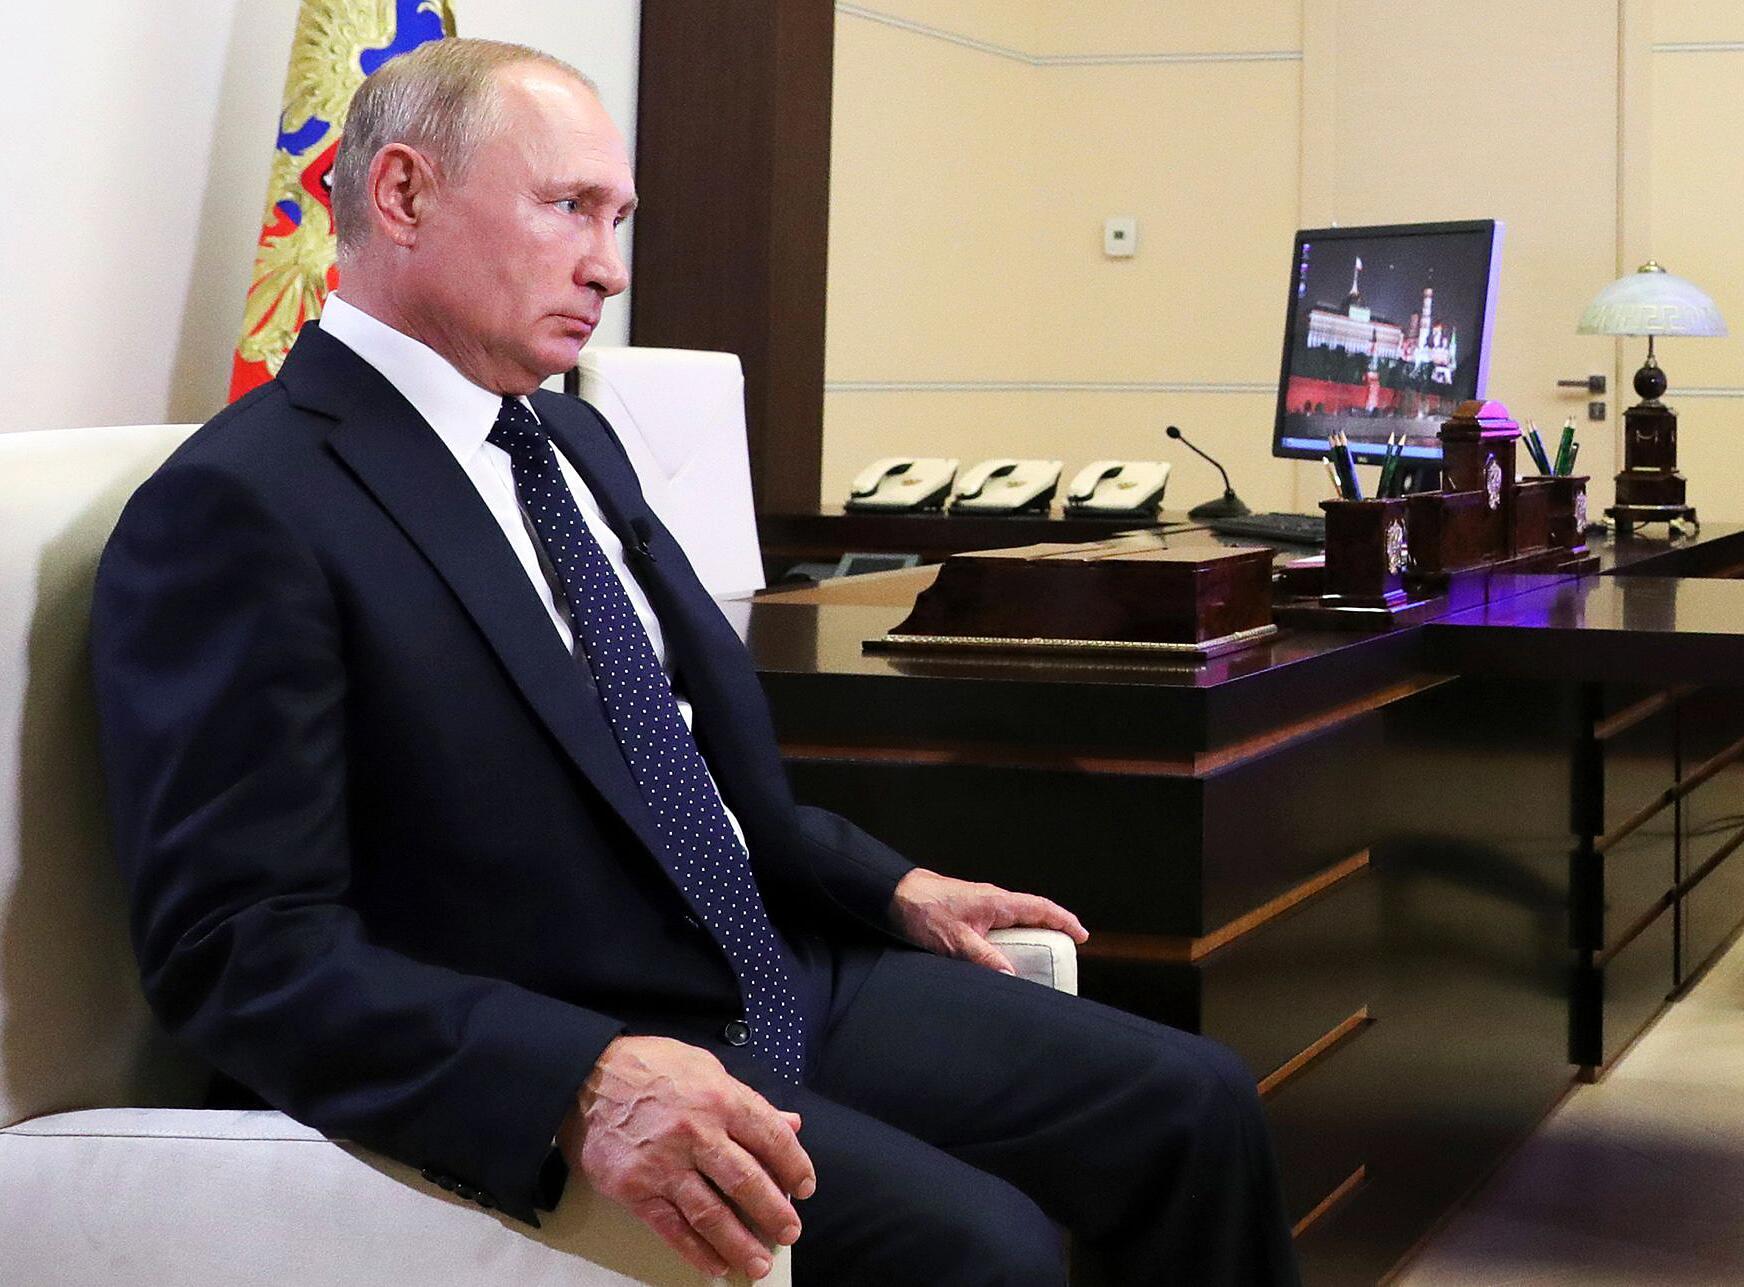 Bild zu Proteste in Belarus - Präsident Putin